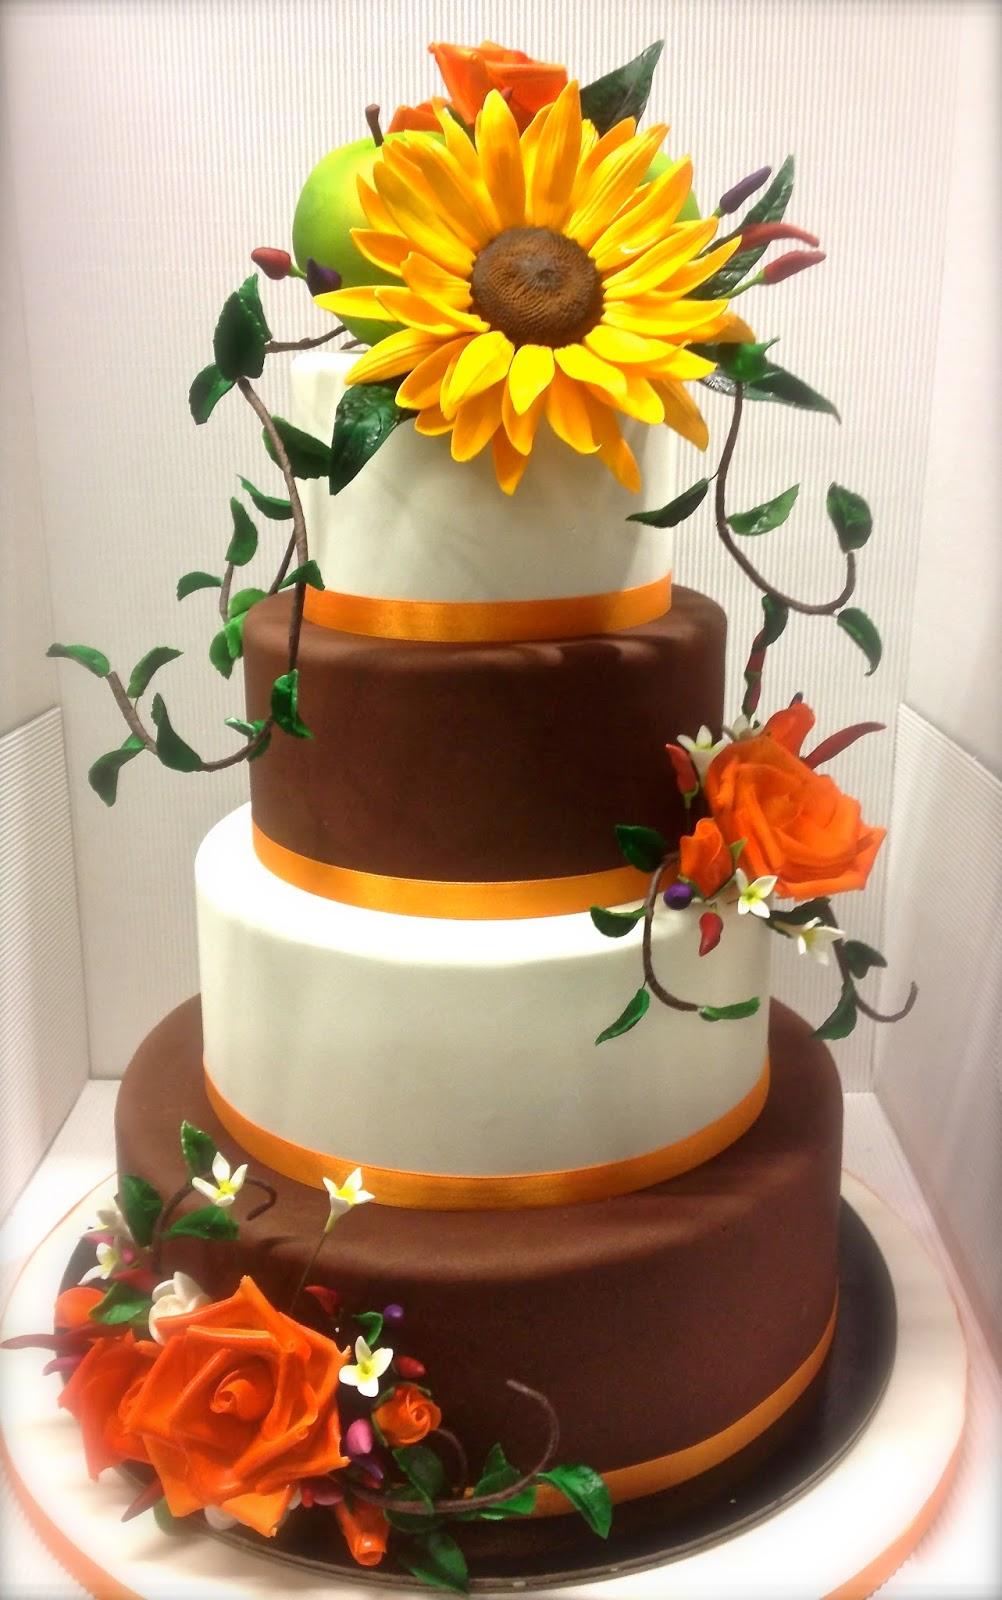 Torte Matrimonio Girasoli : Cake designer: torta nuziale girasole